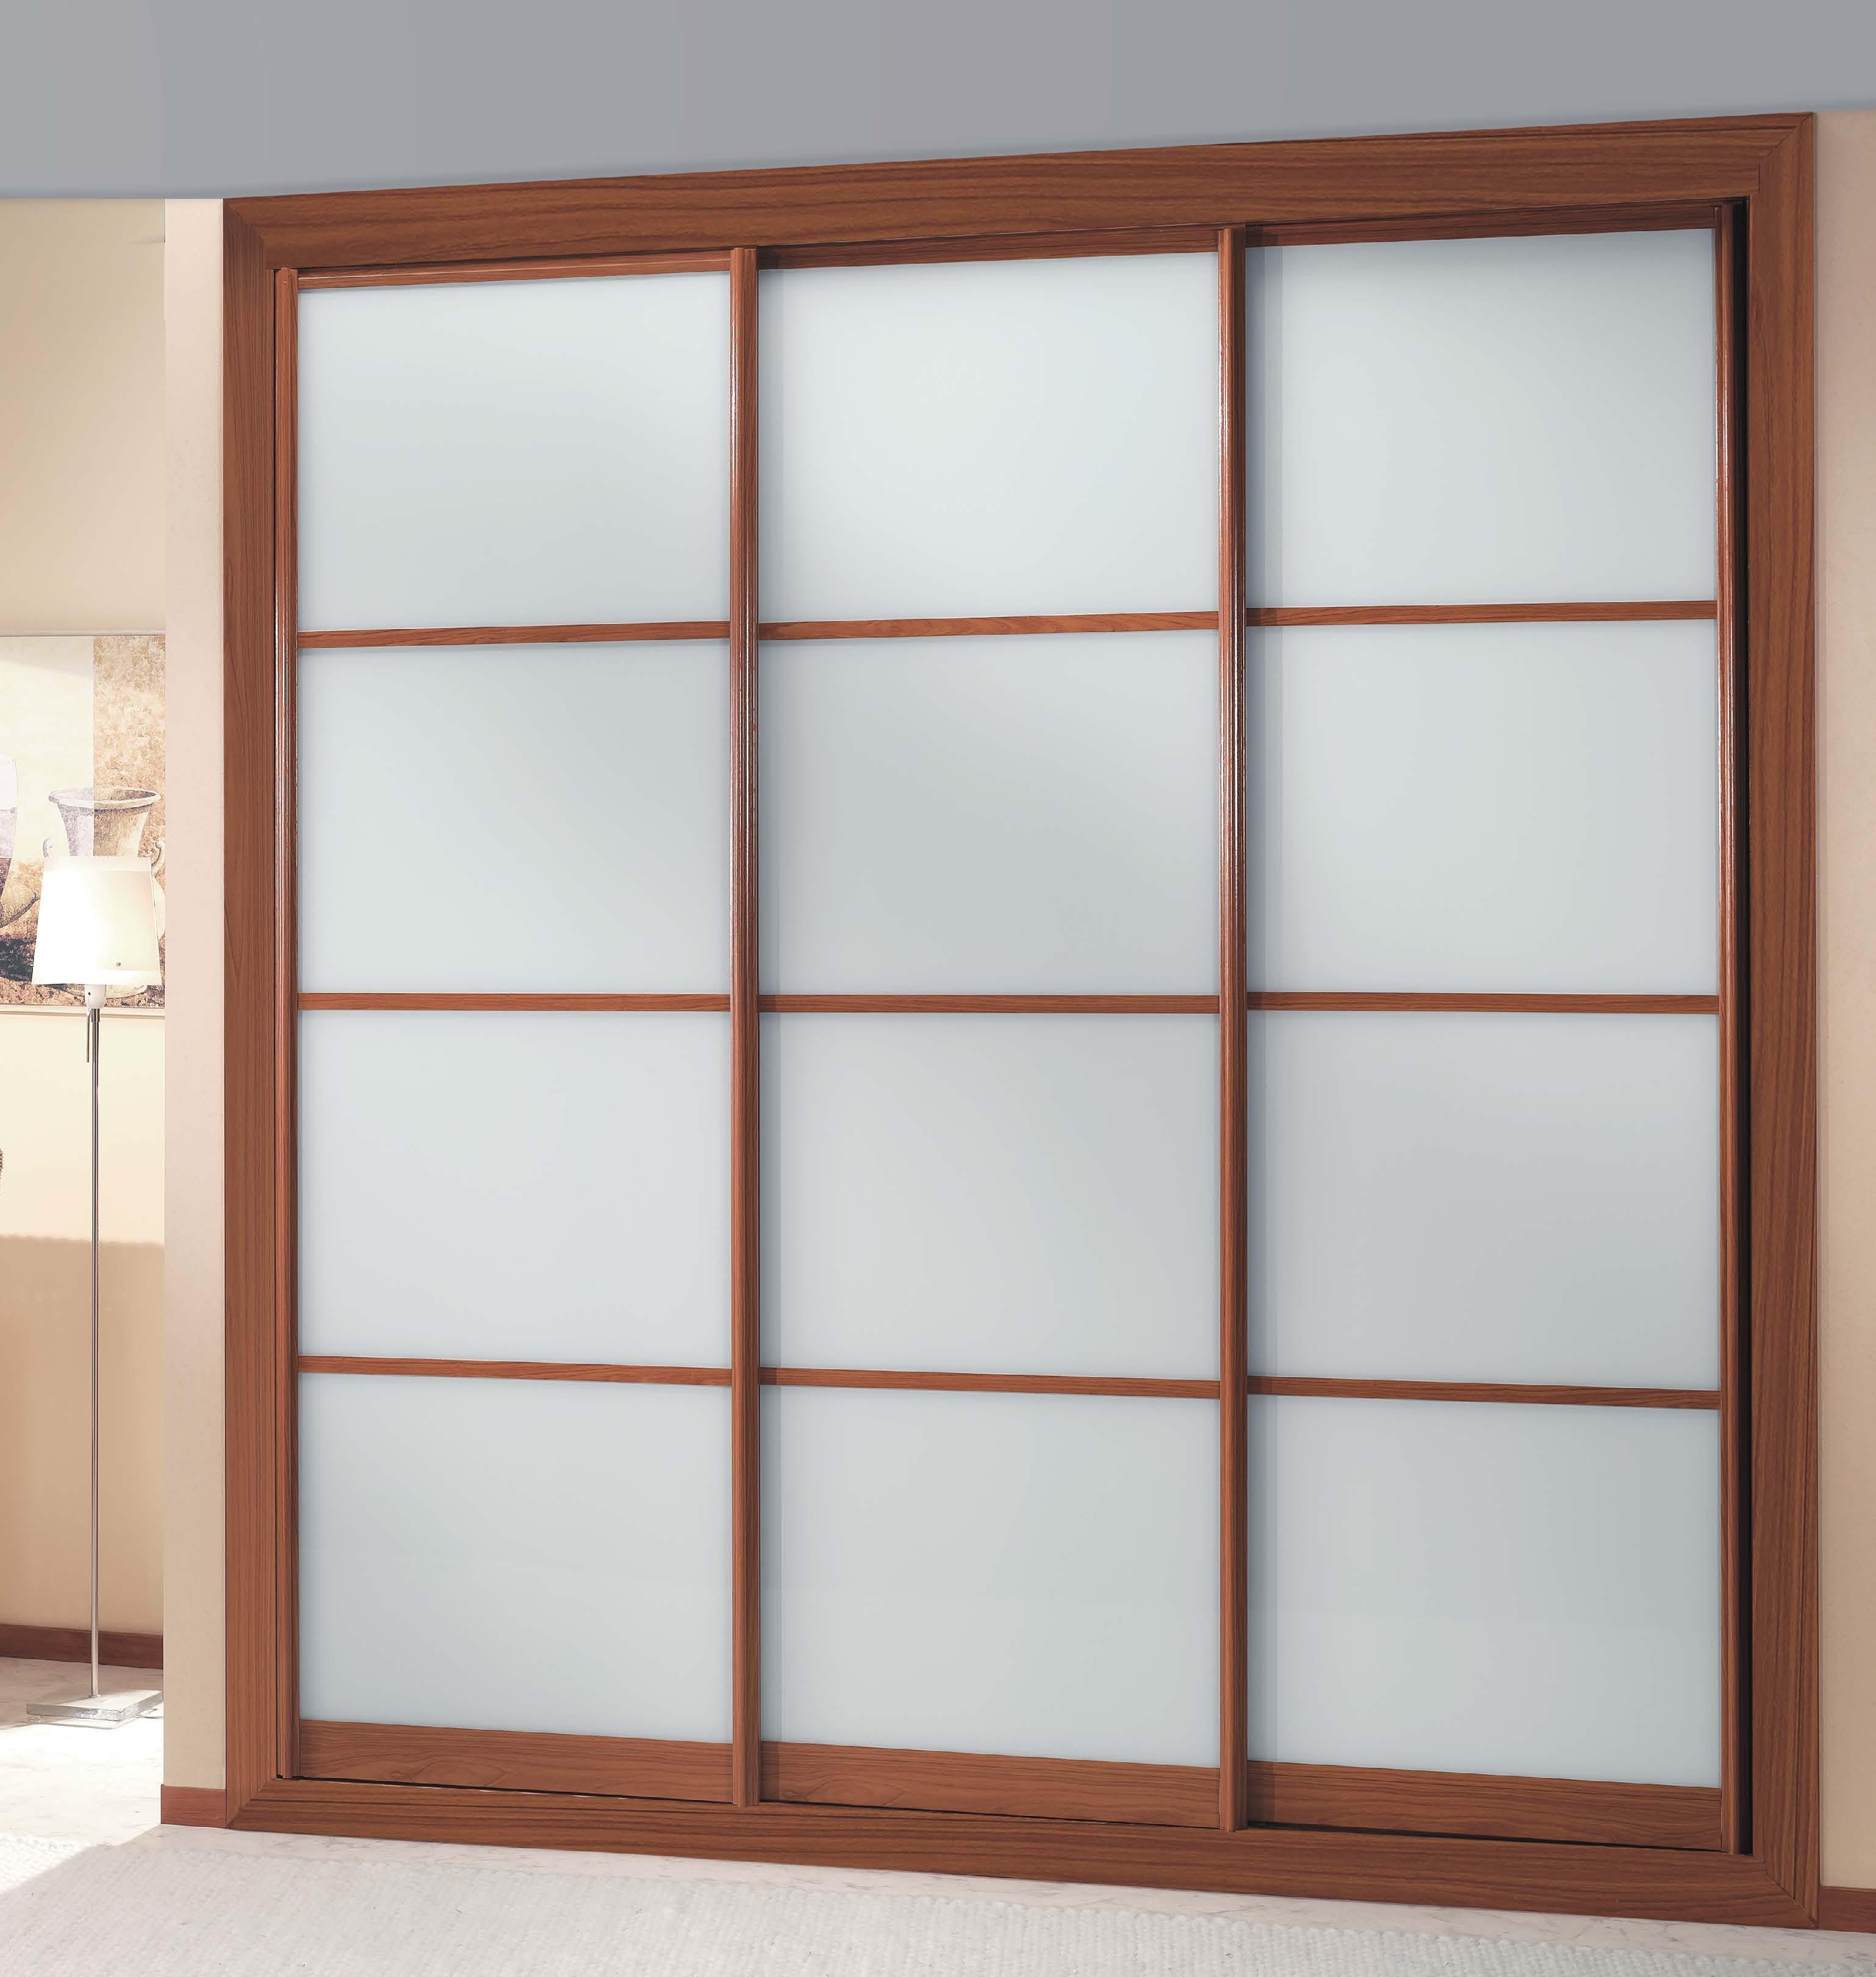 Puertas correderas cristal baratas cool puertas correderas de cristal en oviedo alusiero - Puertas correderas cristal baratas ...